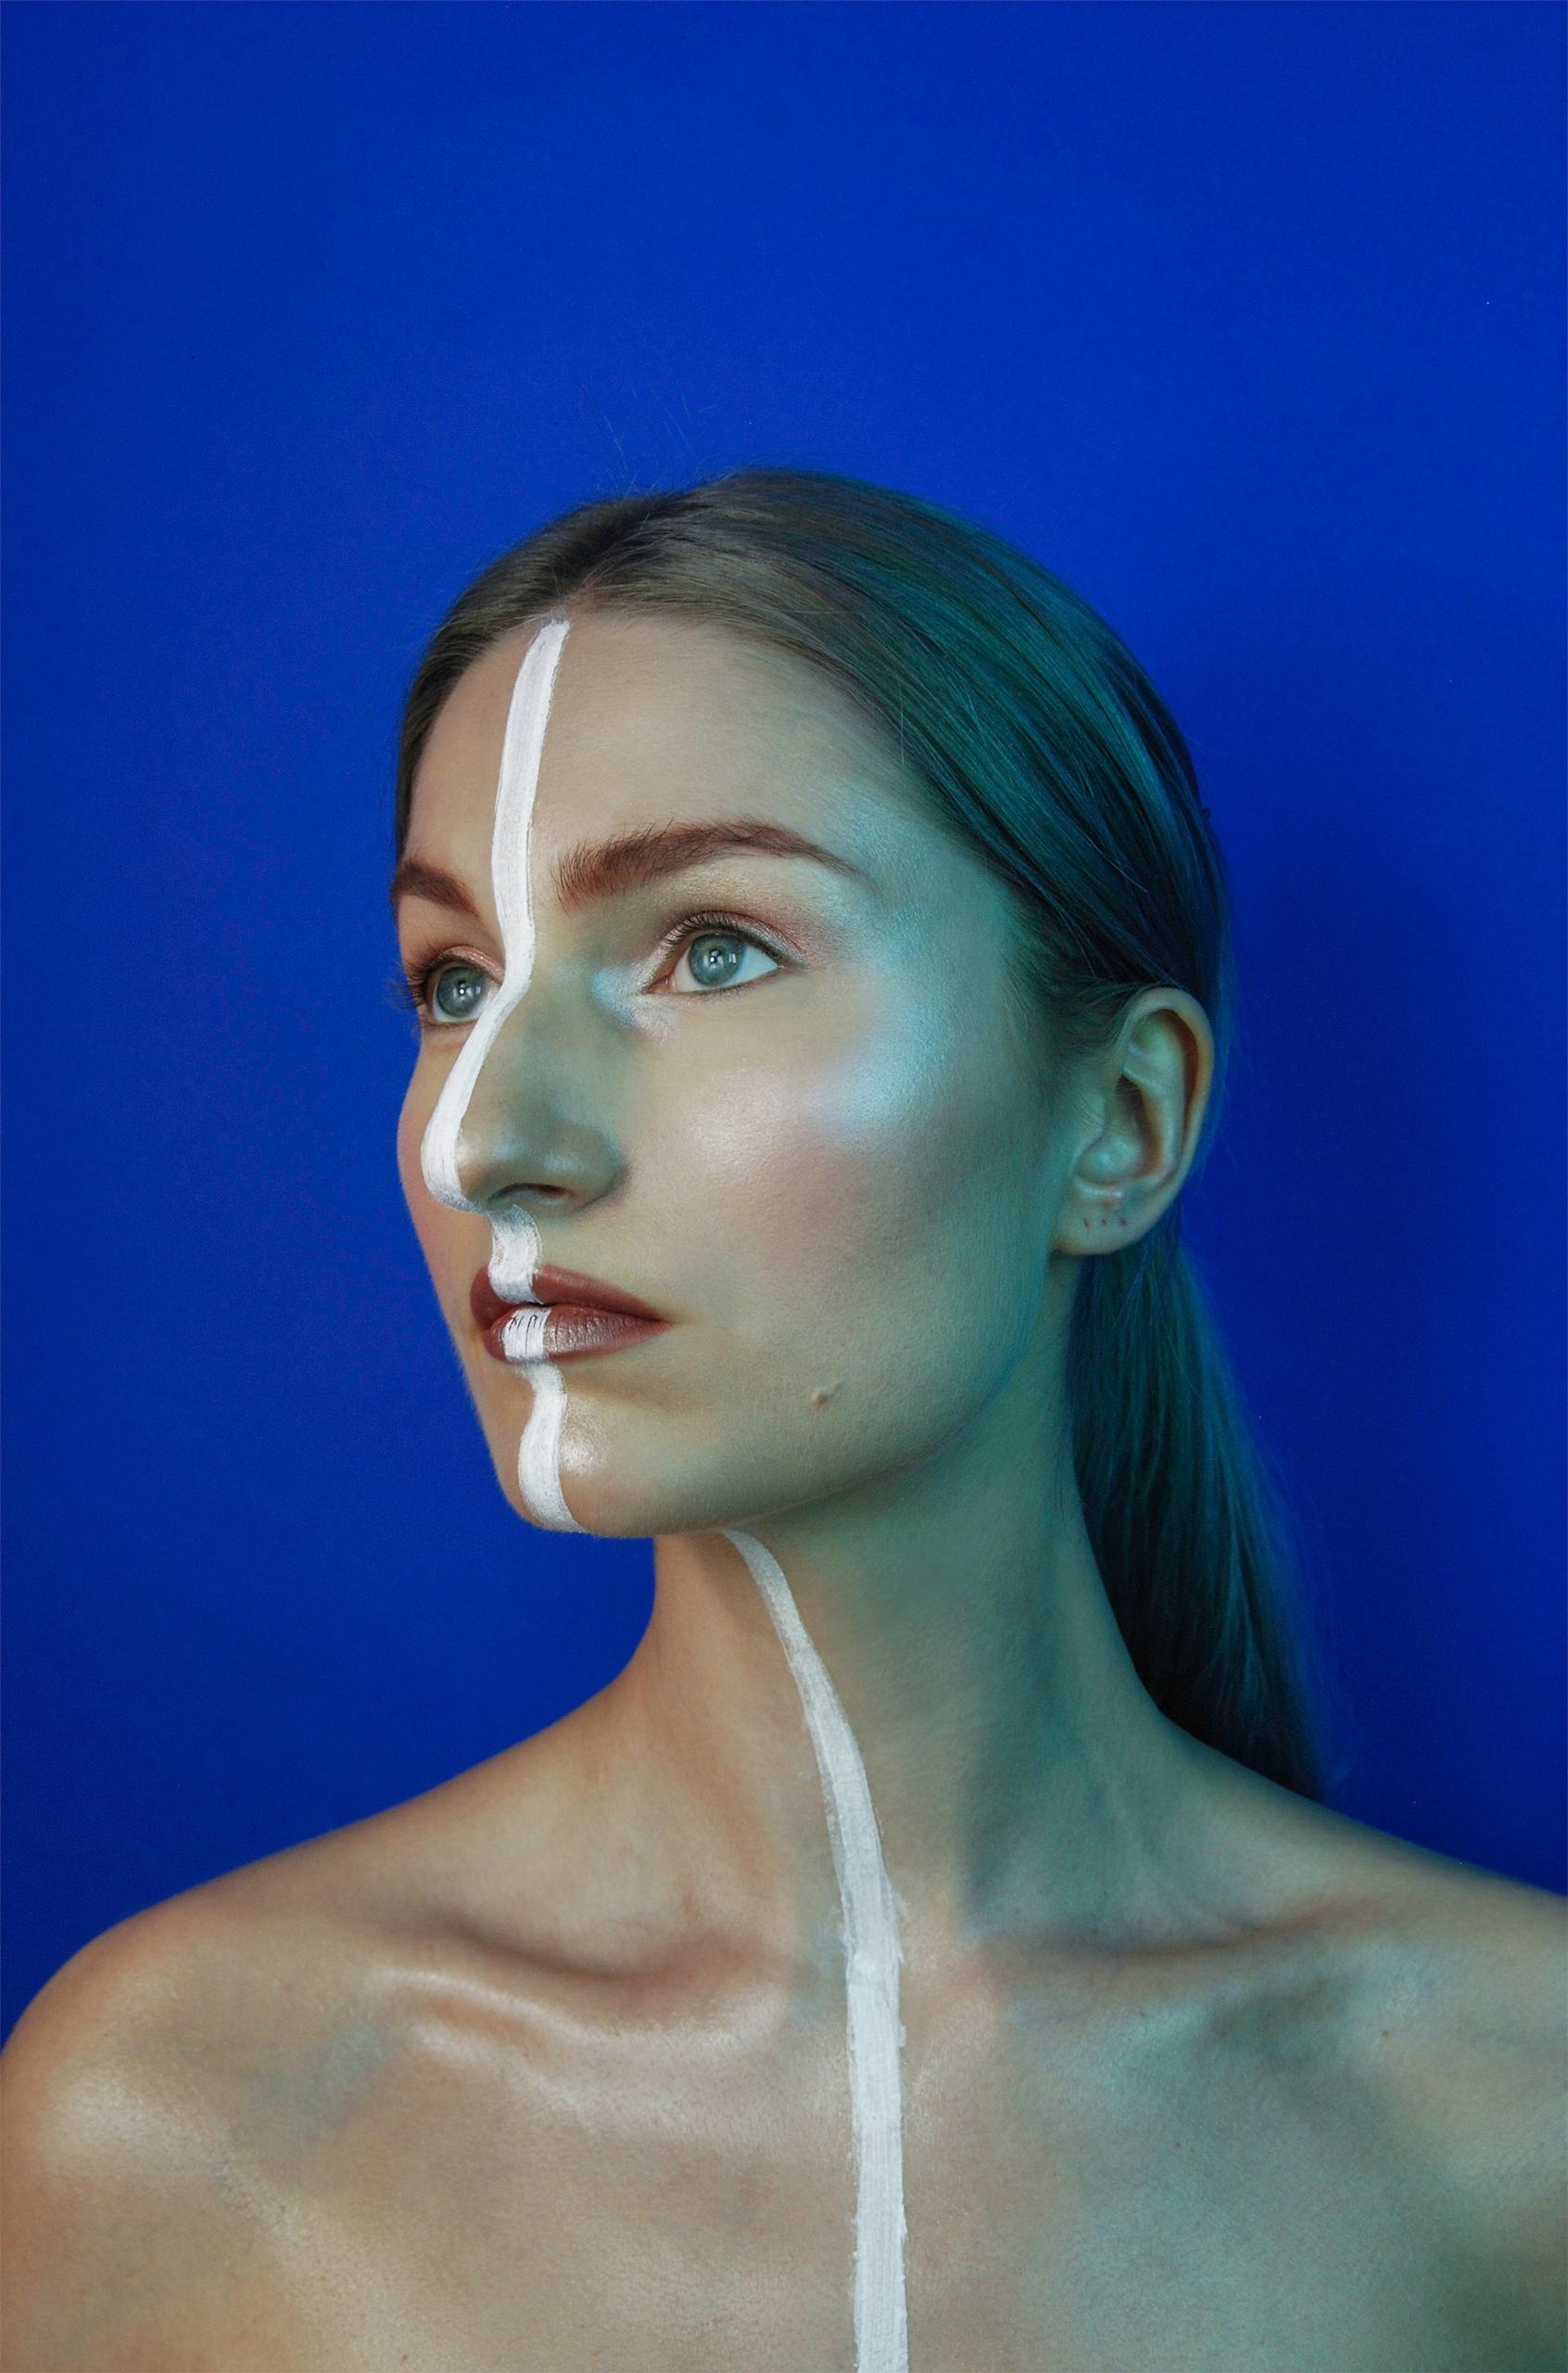 Zdjęcie przedstawia portret młodej kobiety. Przez środek jej twarzy biegnie pionowa biała linia. Całość na niebieskim tle.